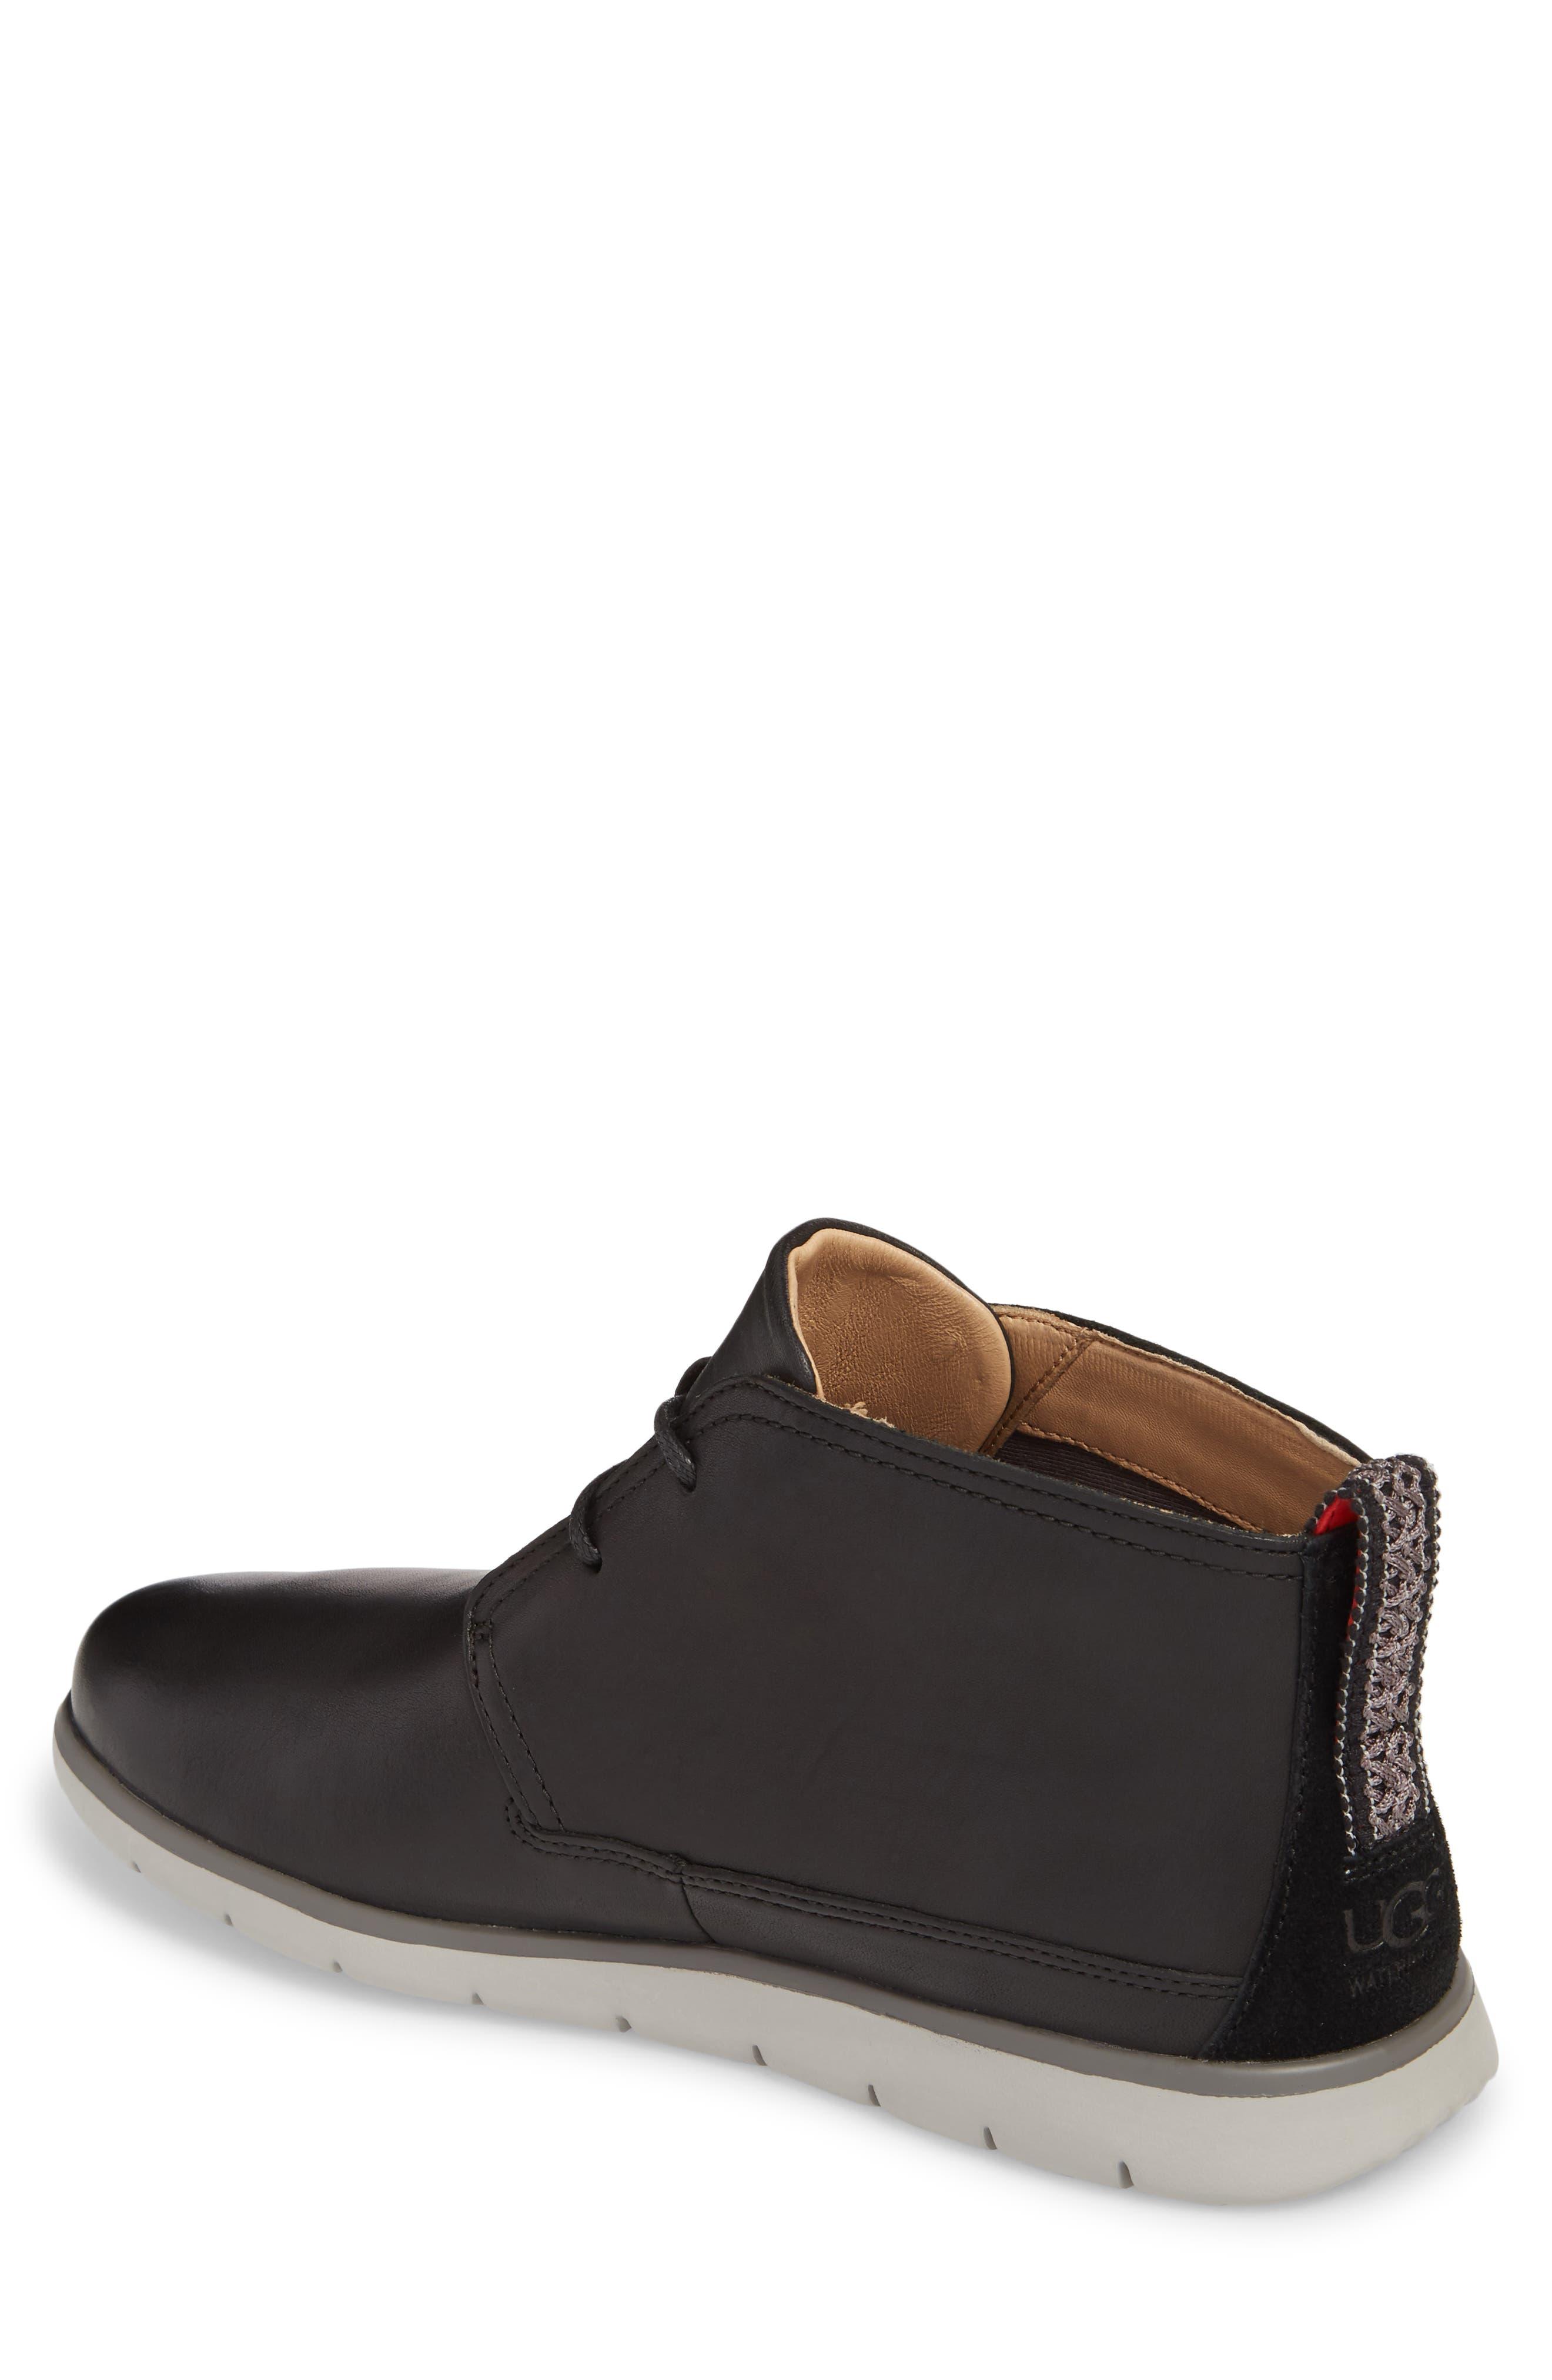 UGG<SUP>®</SUP>, Freamon Chukka Boot, Alternate thumbnail 2, color, BLACK